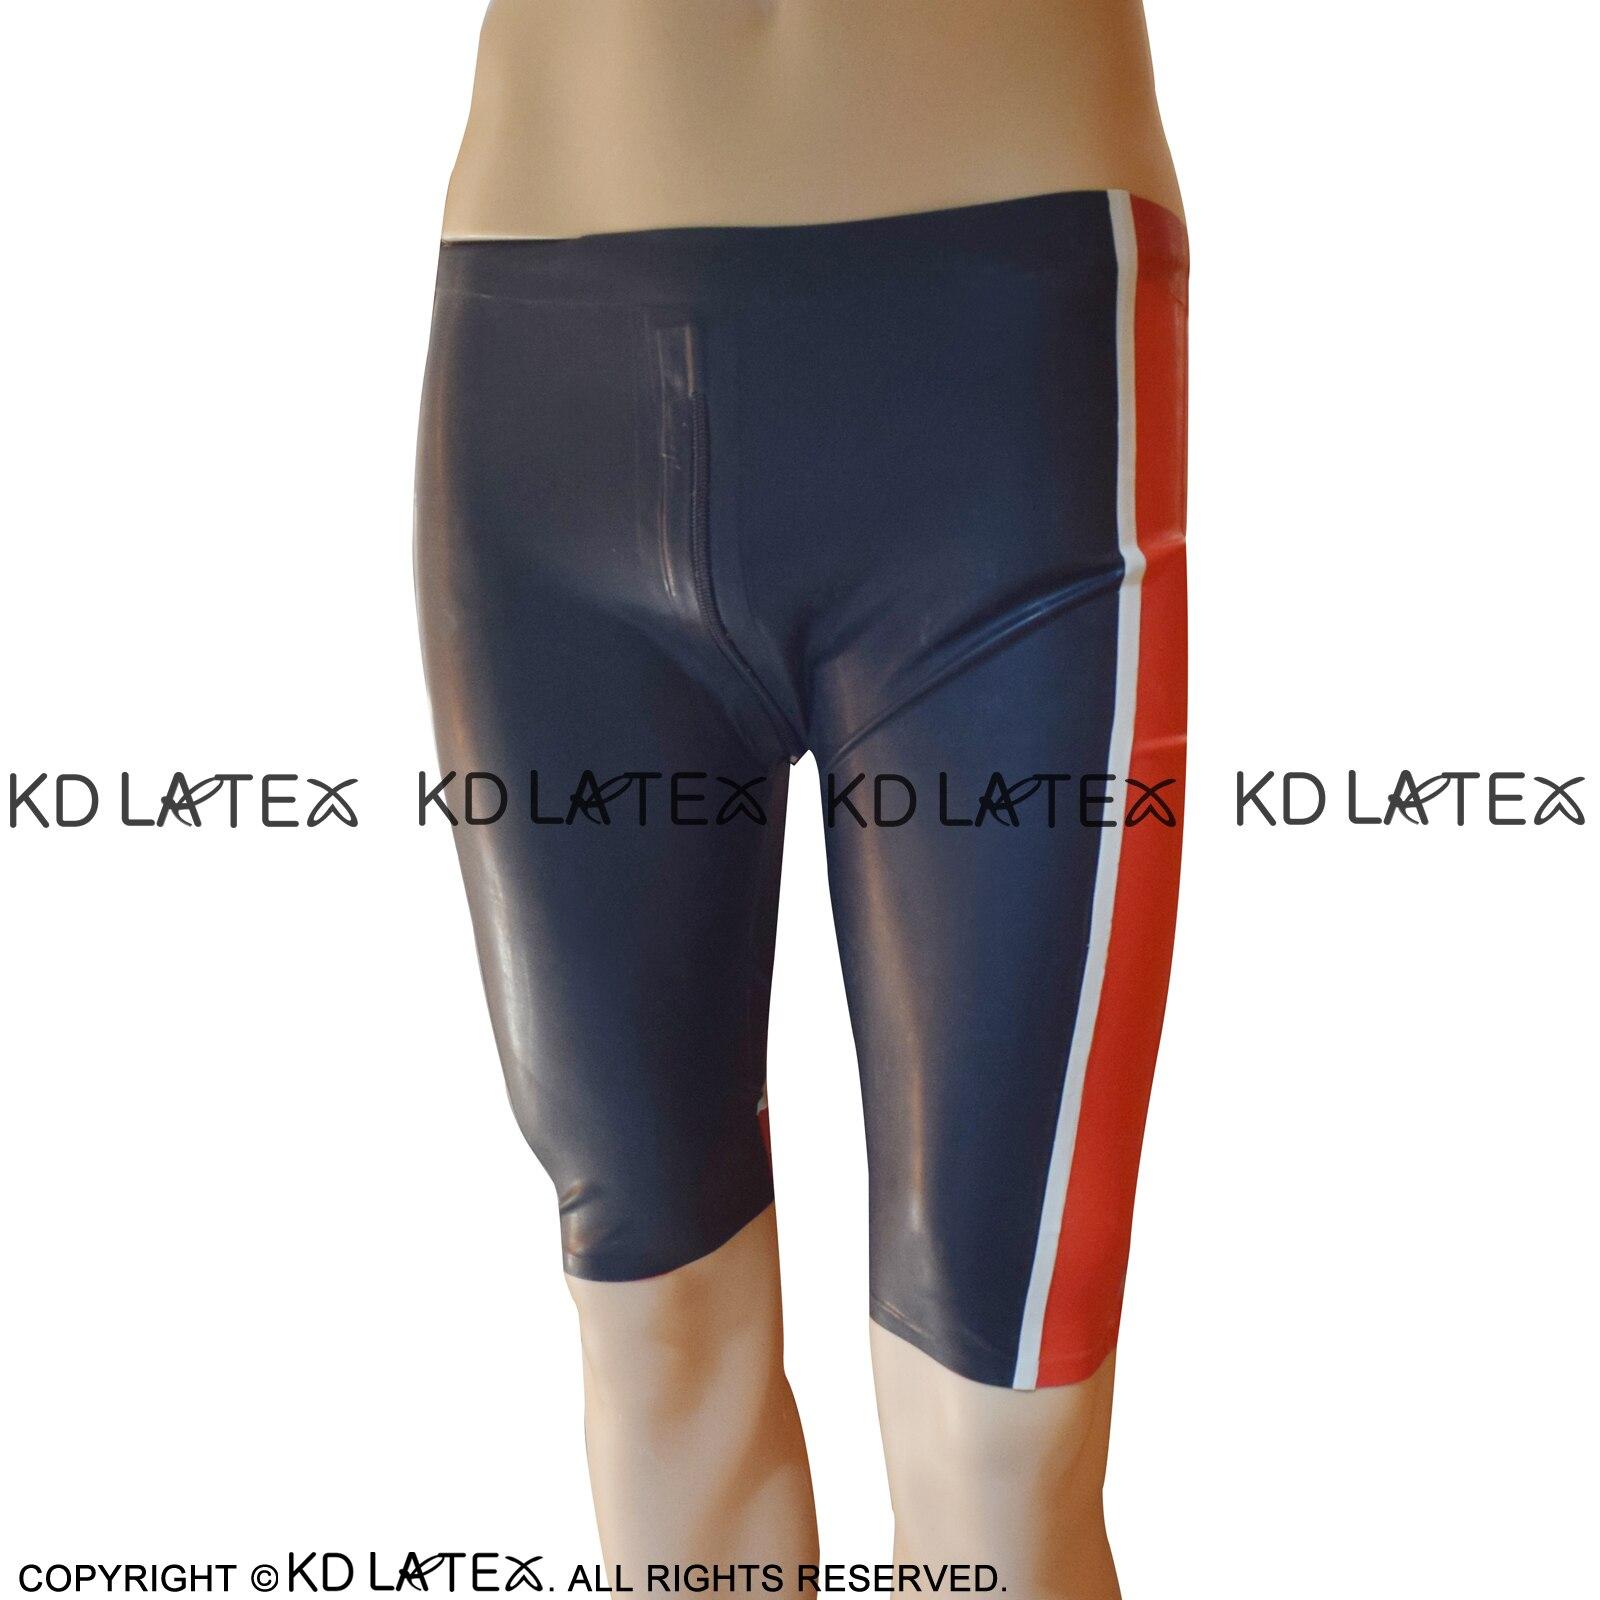 Noir avec rouge et blanc Sexy longue jambe Latex Boxer Shorts avec entrejambe fermeture éclair sous-vêtements en caoutchouc garçon Shorts bas DK-0178